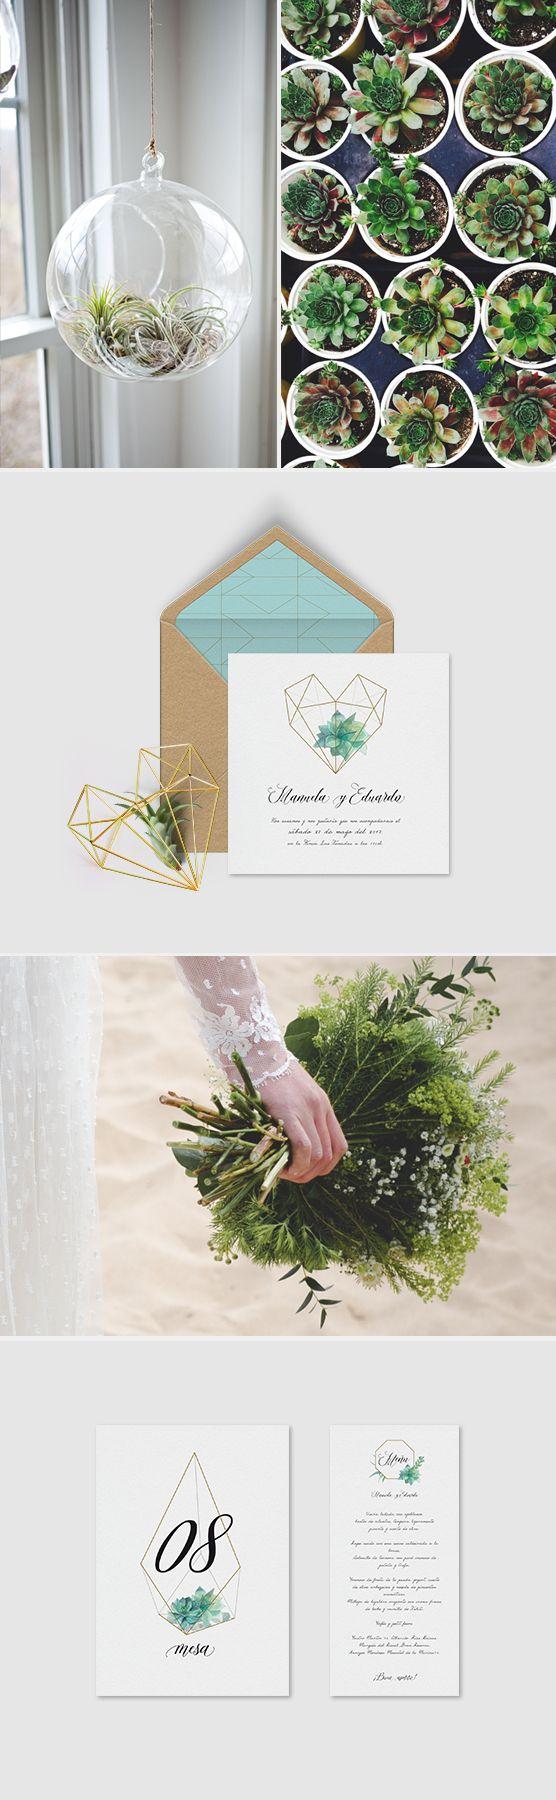 Estudio especializado en la papelería creativa para eventos especiales. Invitaciones de boda de tendencia.